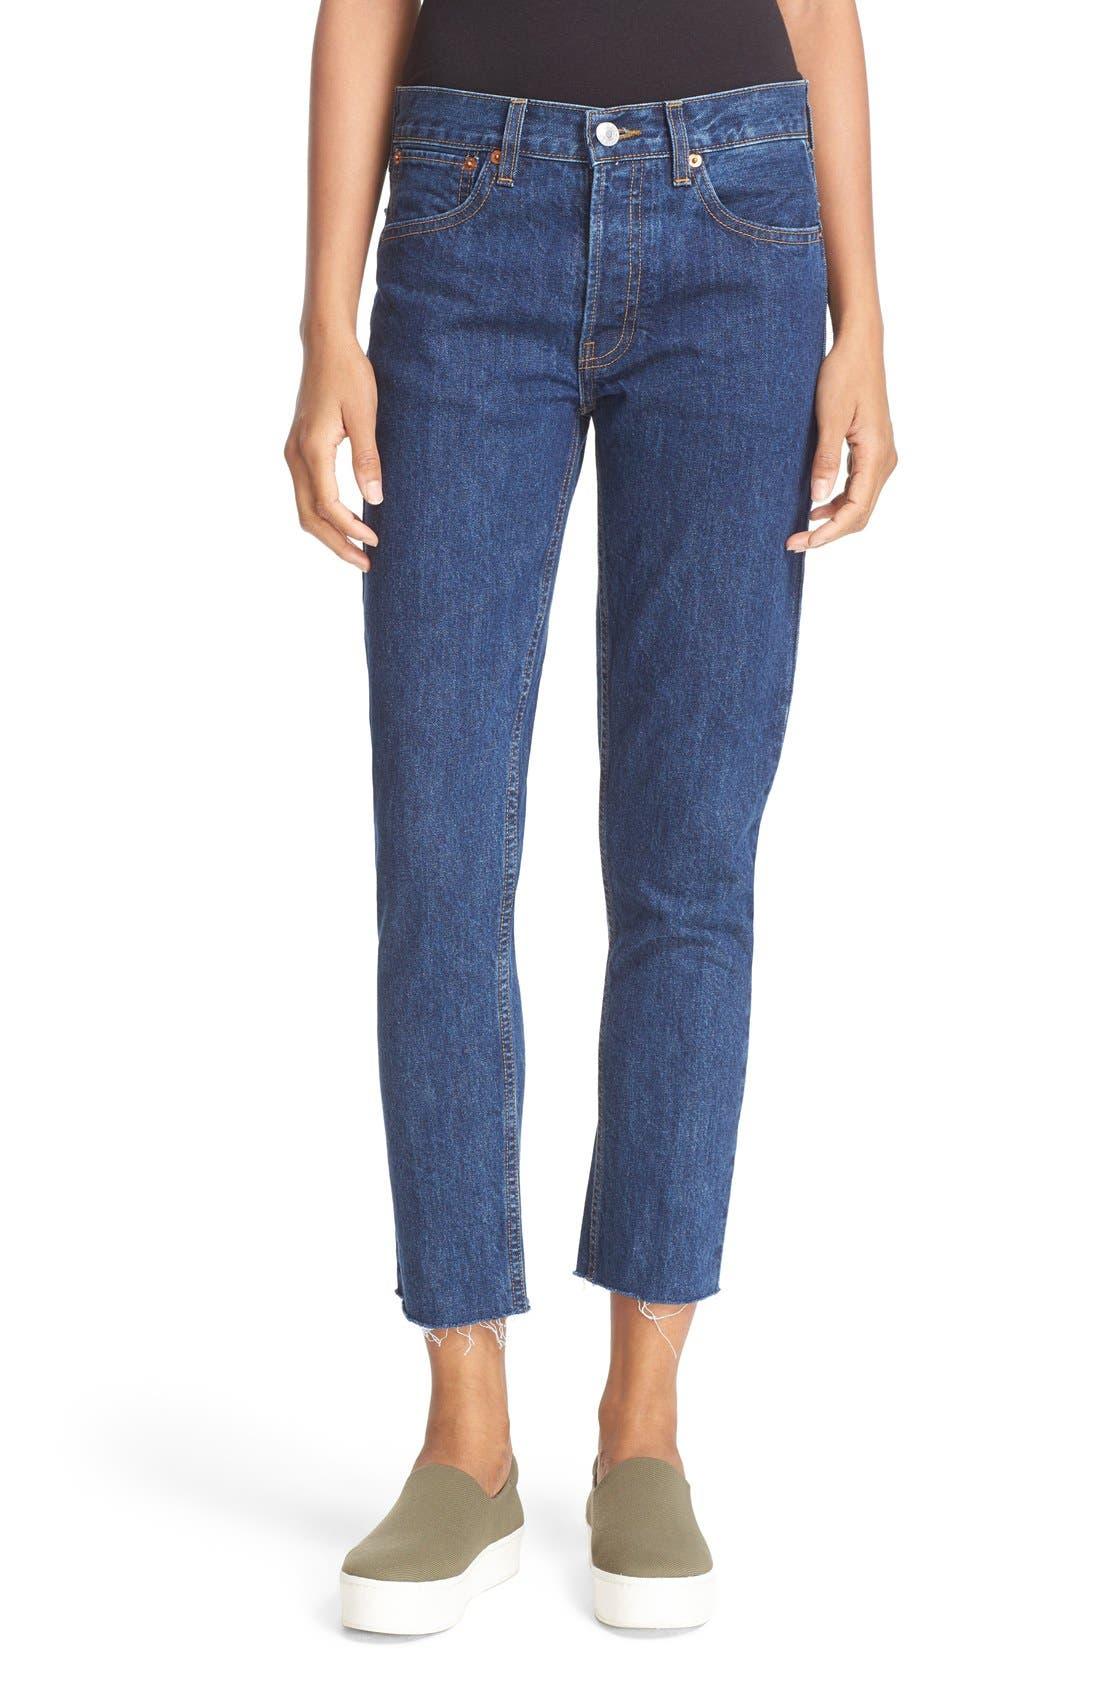 Originals High Waist Crop Jeans,                         Main,                         color, Dark